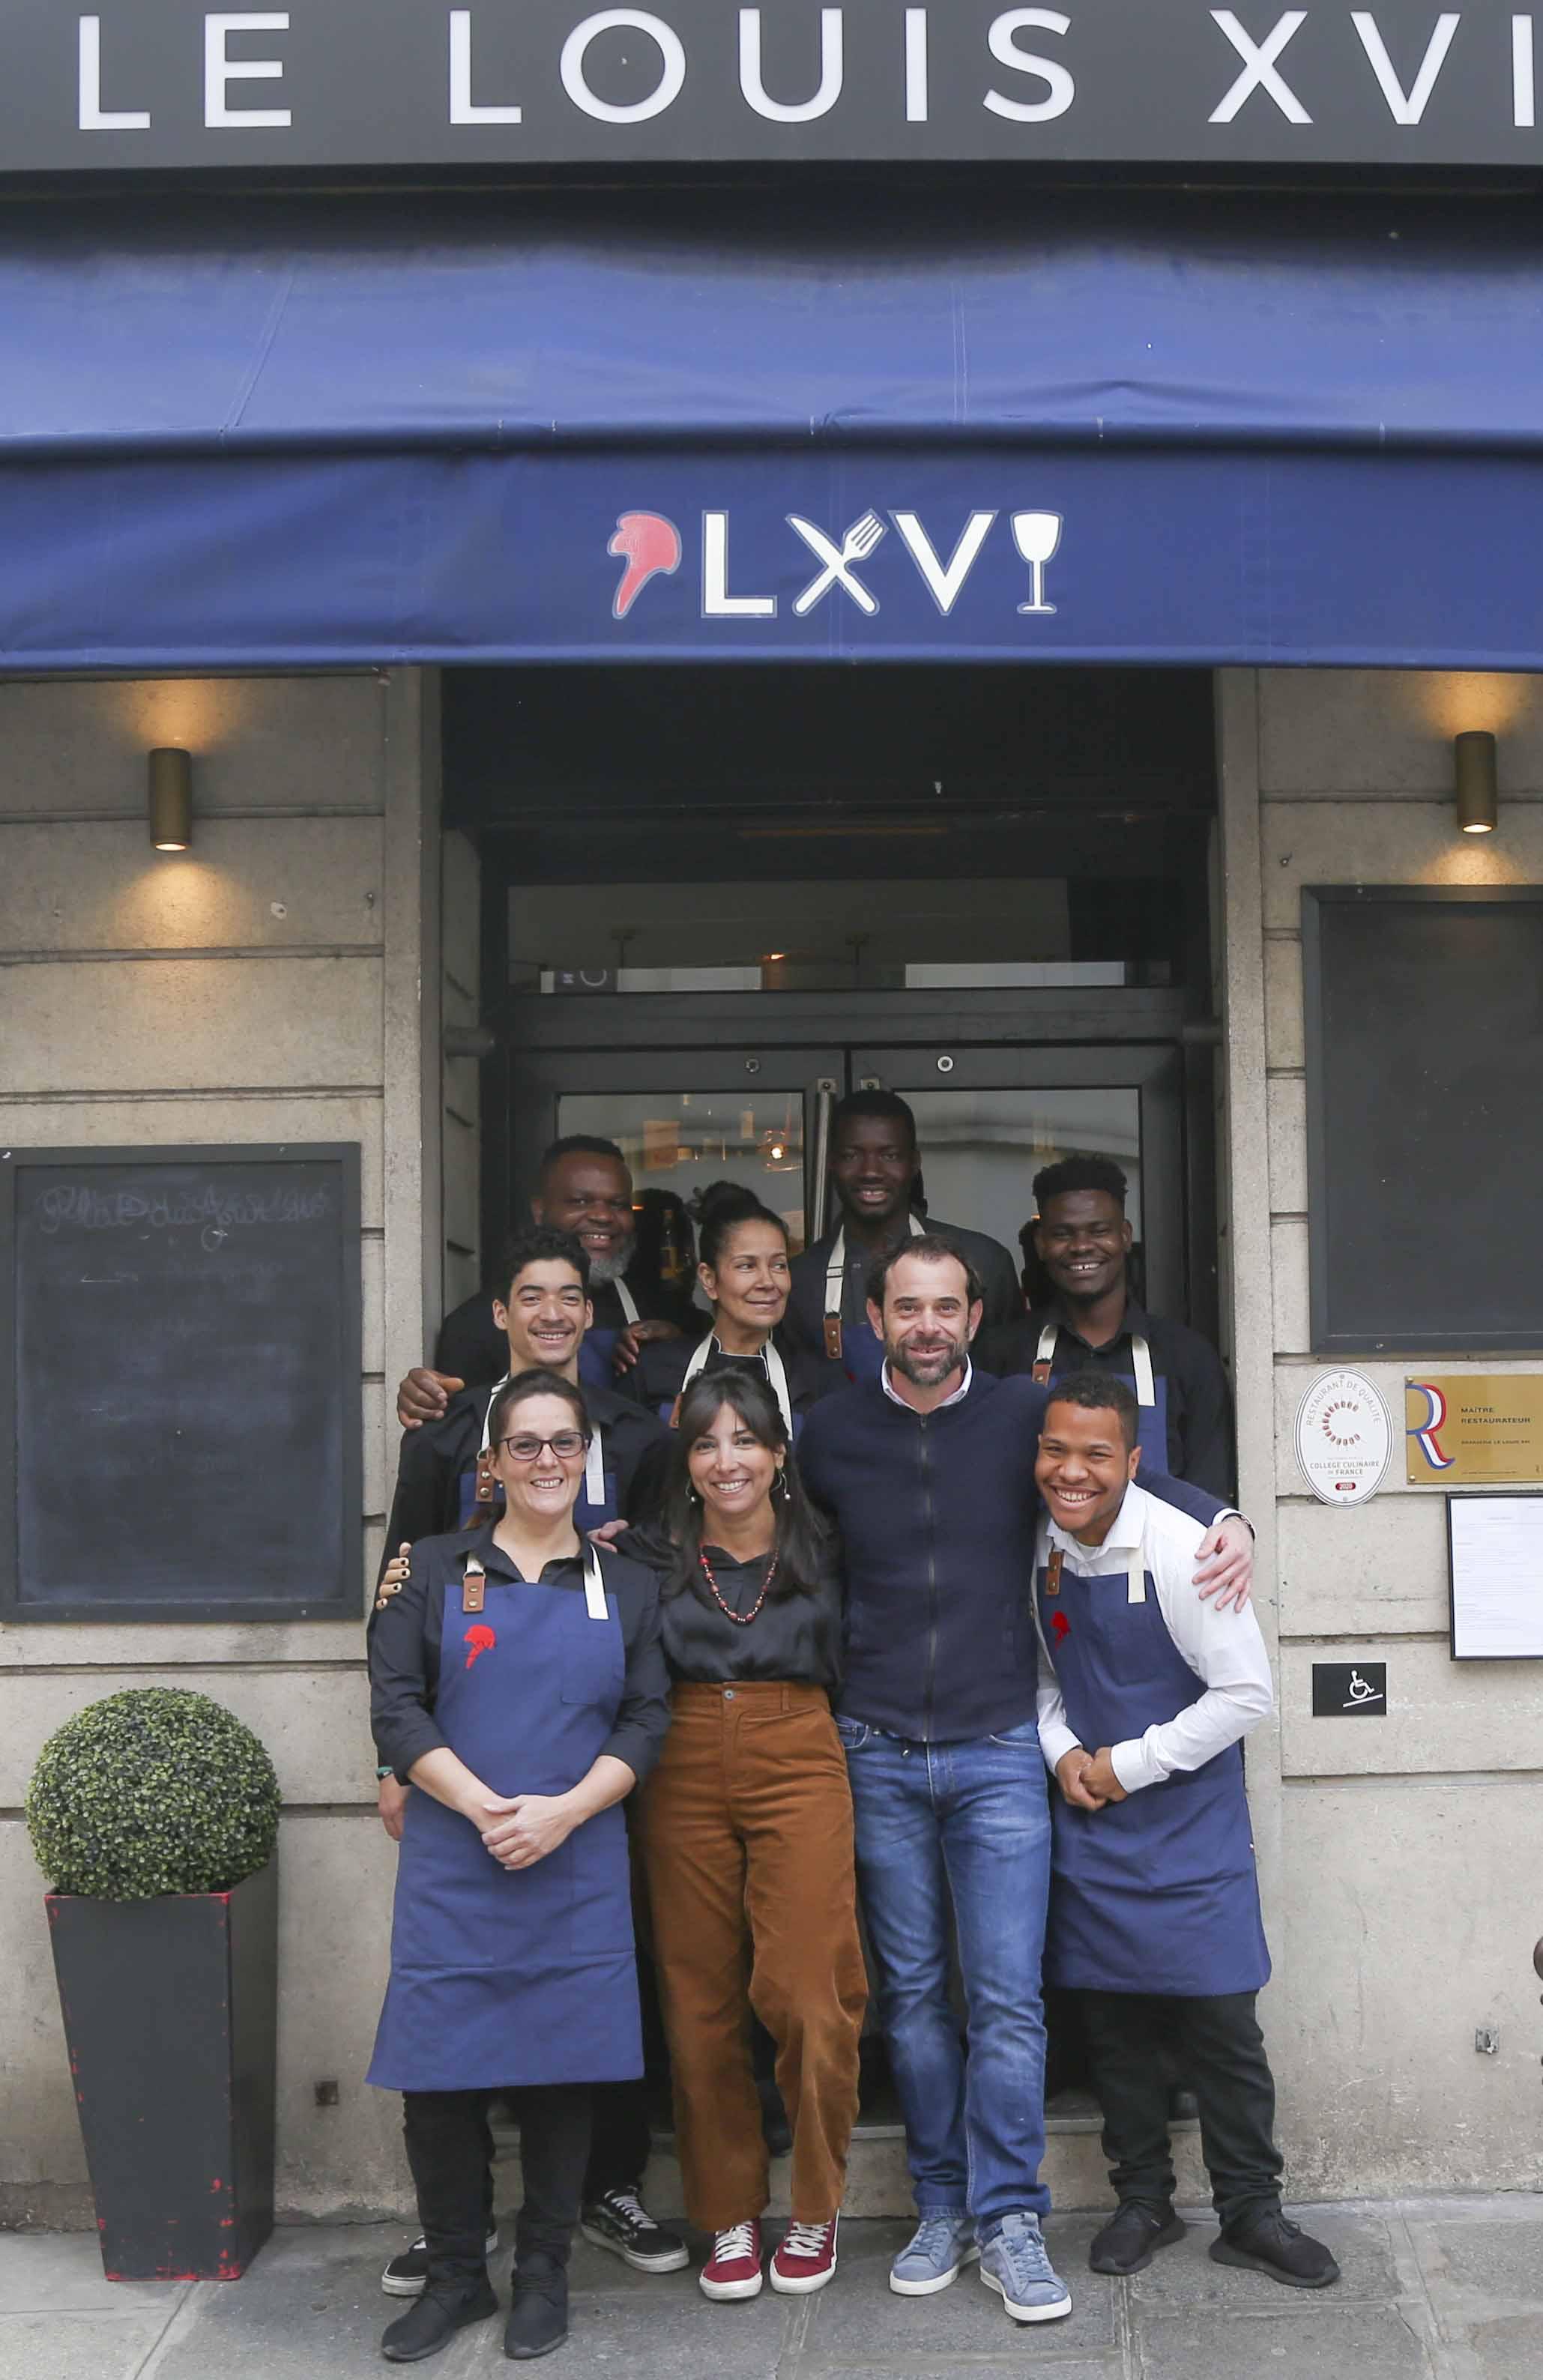 Adhérent LE LOUIS XVI - photo #18170